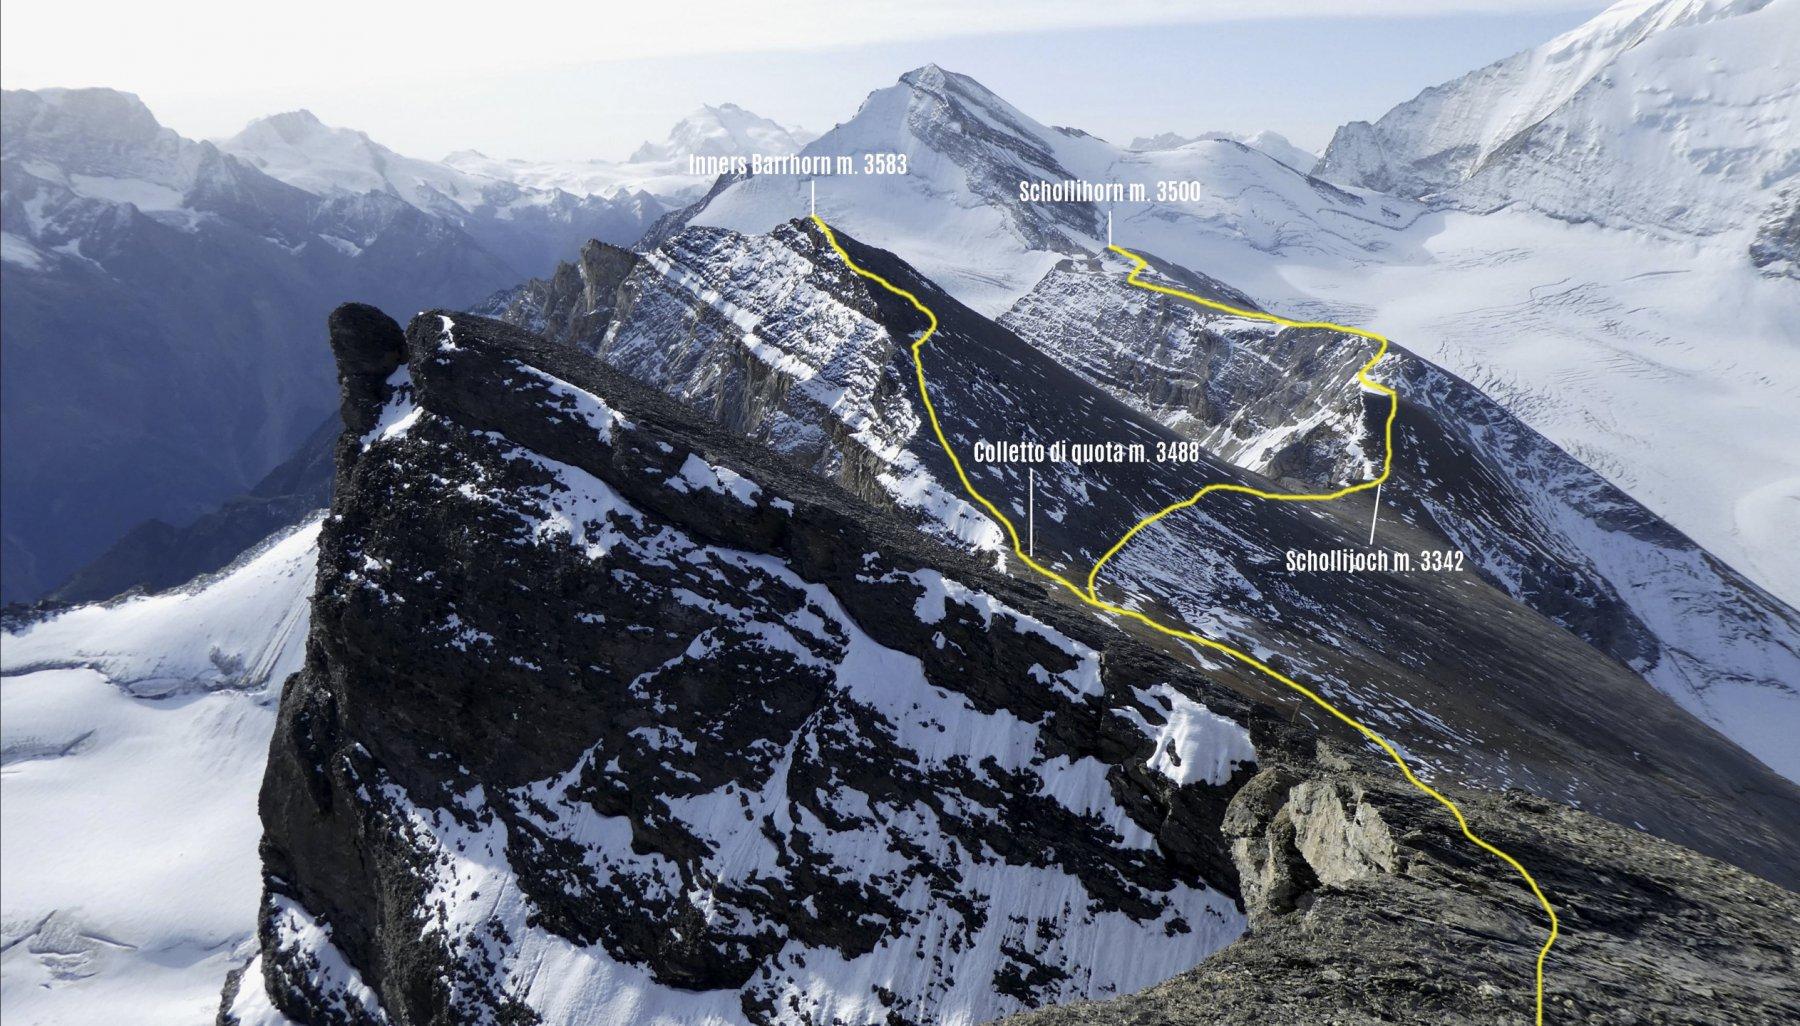 itinerari di salita a Inners Barrhorn e Schollihorn visti dalla cima dell'Ussers Barrhorn